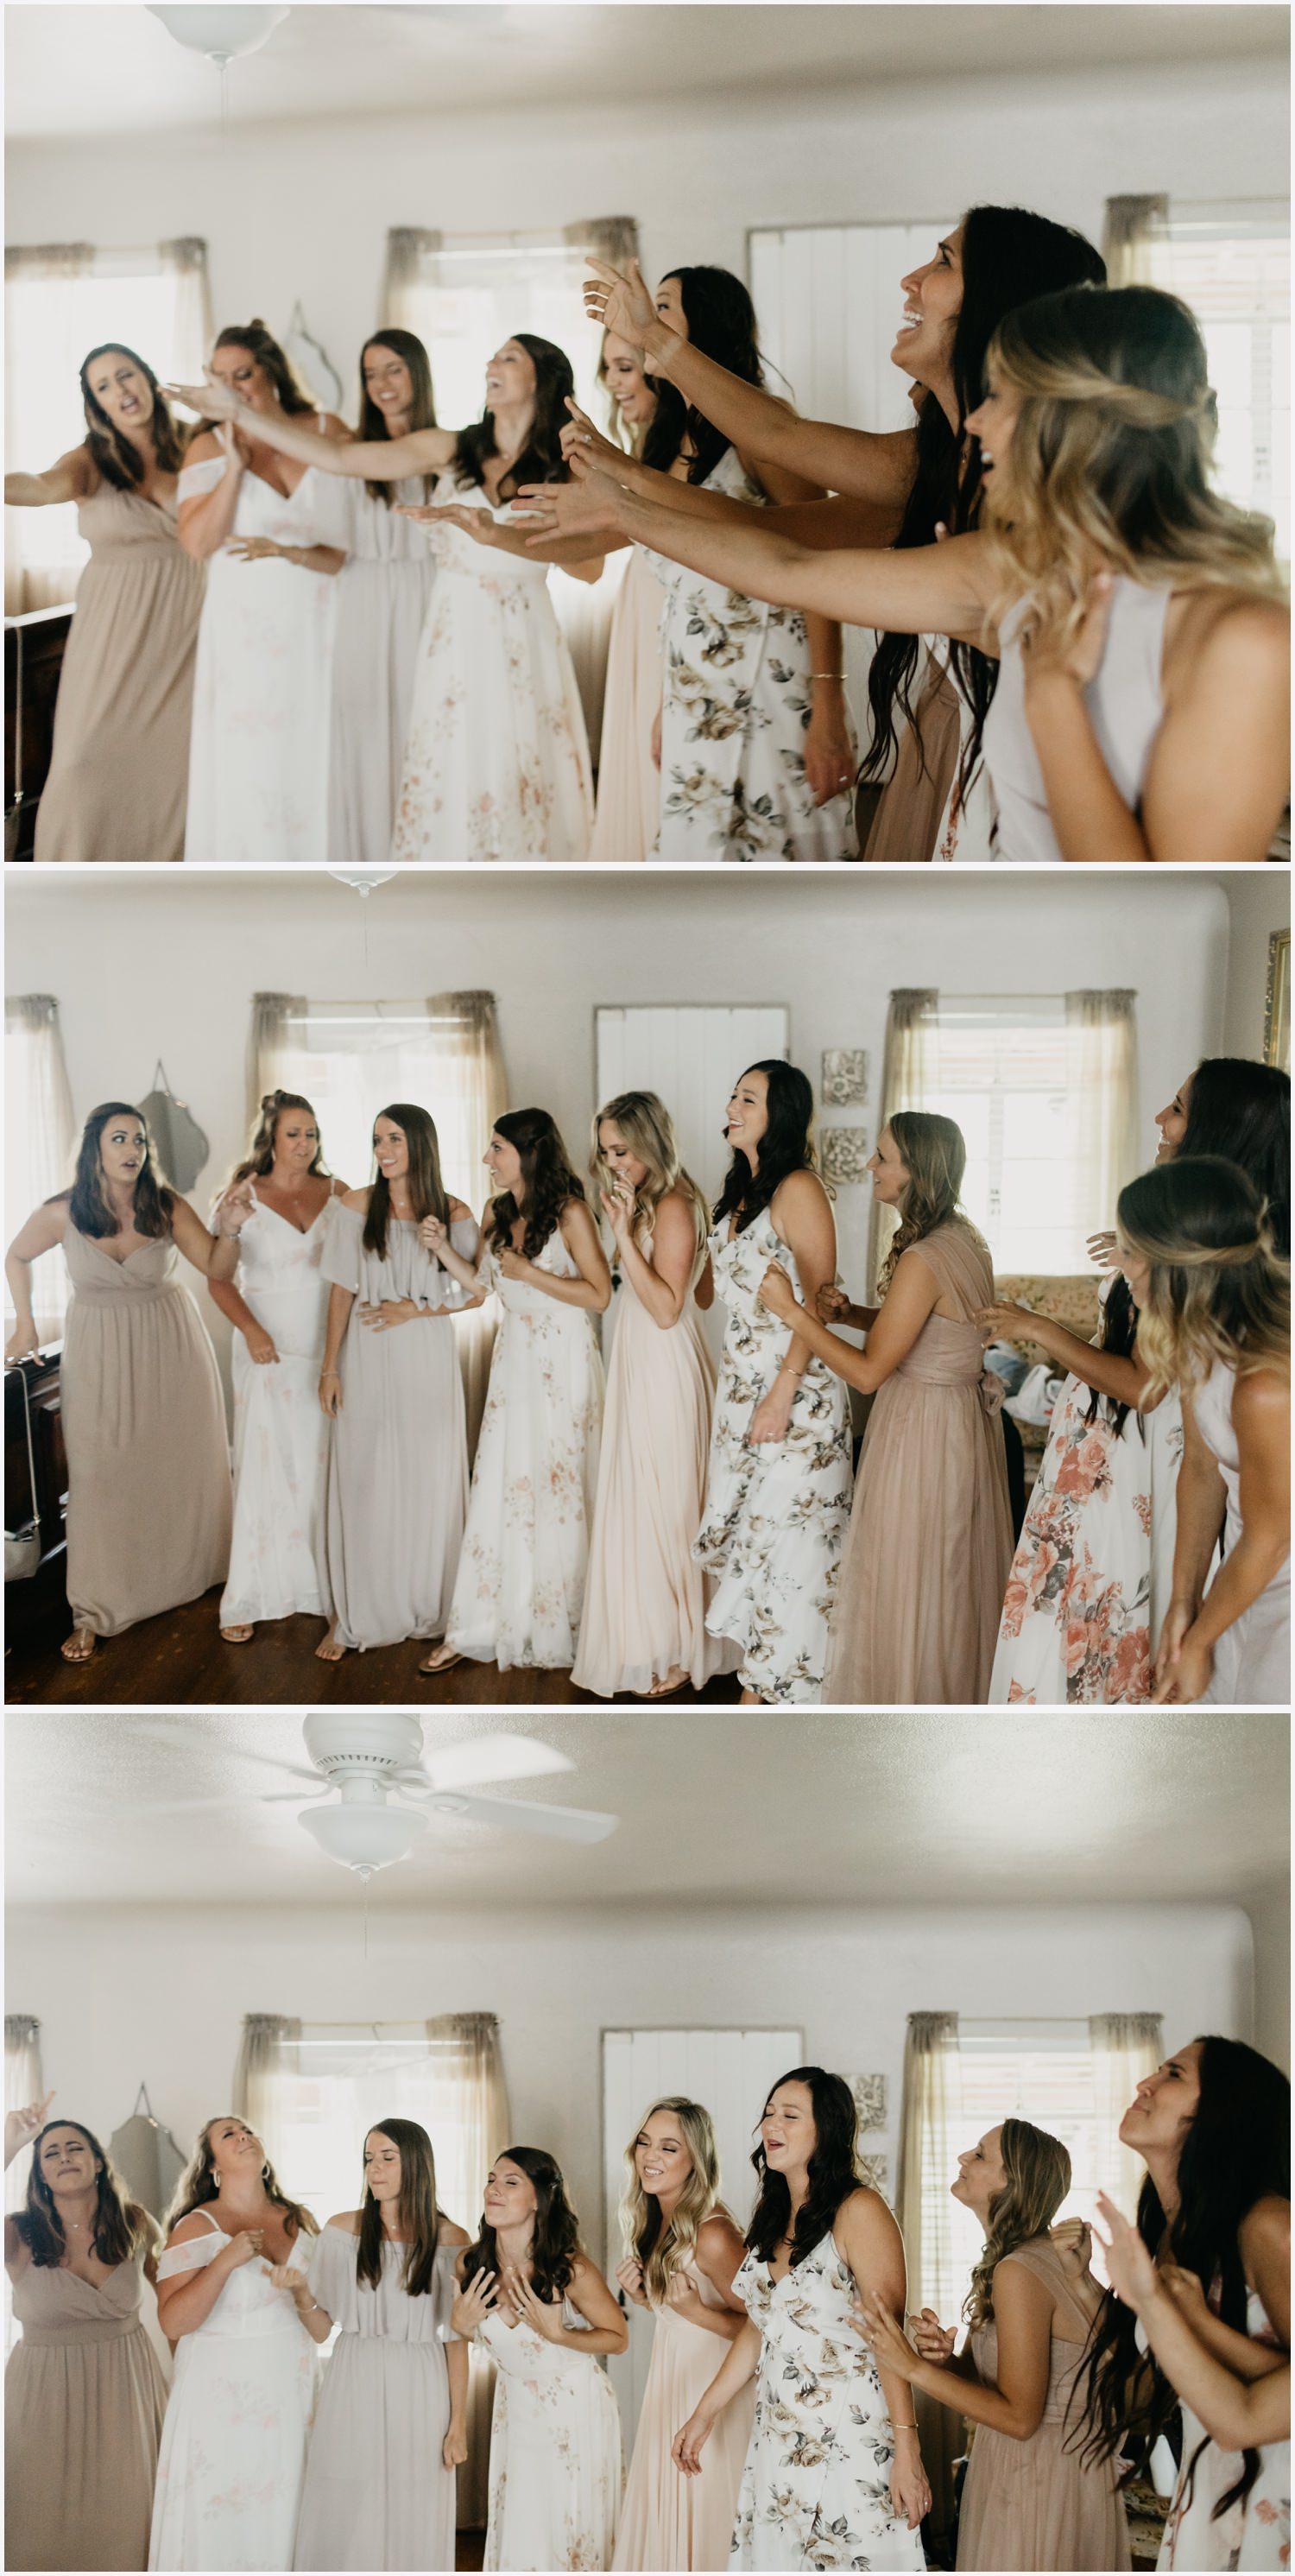 Bridesmaids singing to the bride in the Gabrella Manor